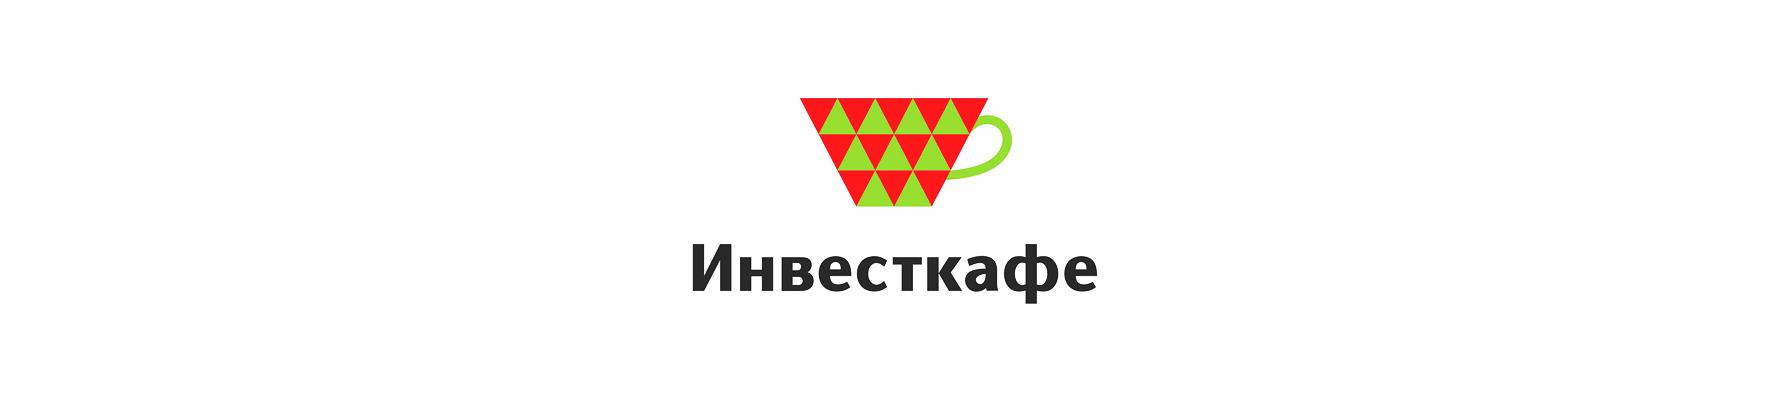 Инвесткафе лого Invectcafe logo